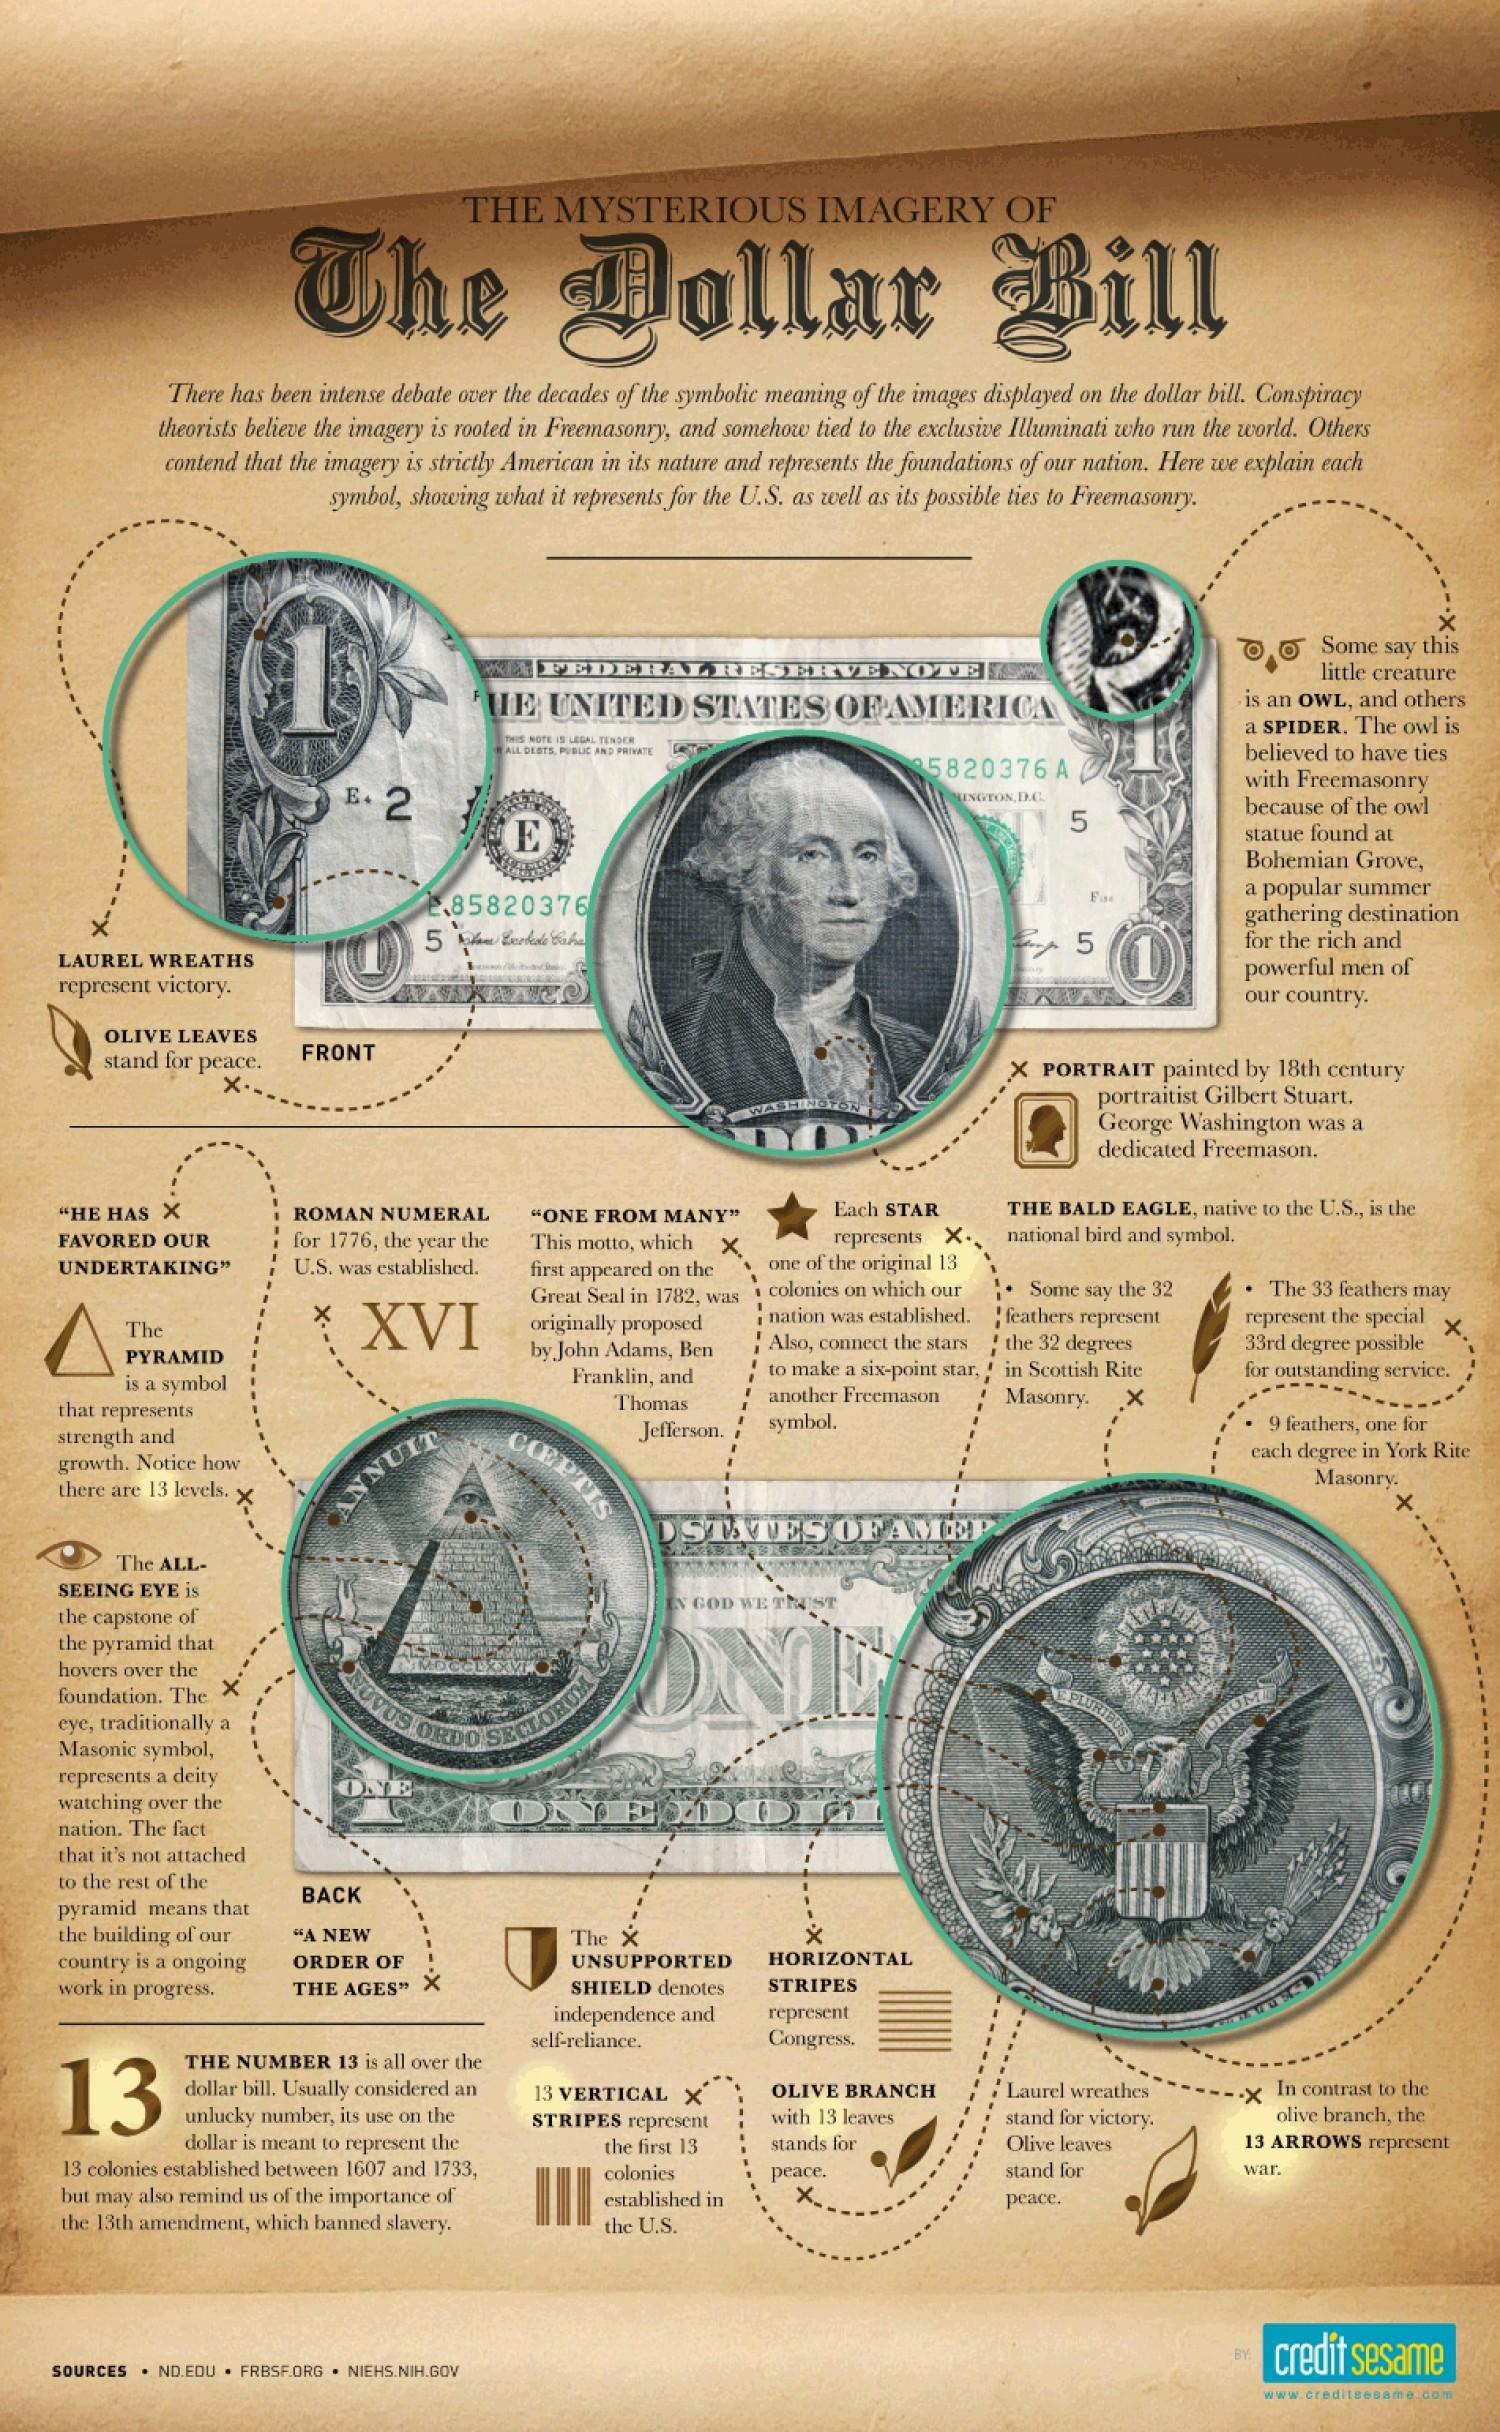 de geheimzinnige afbeeldingen verstopt in het 1 dollar biljet